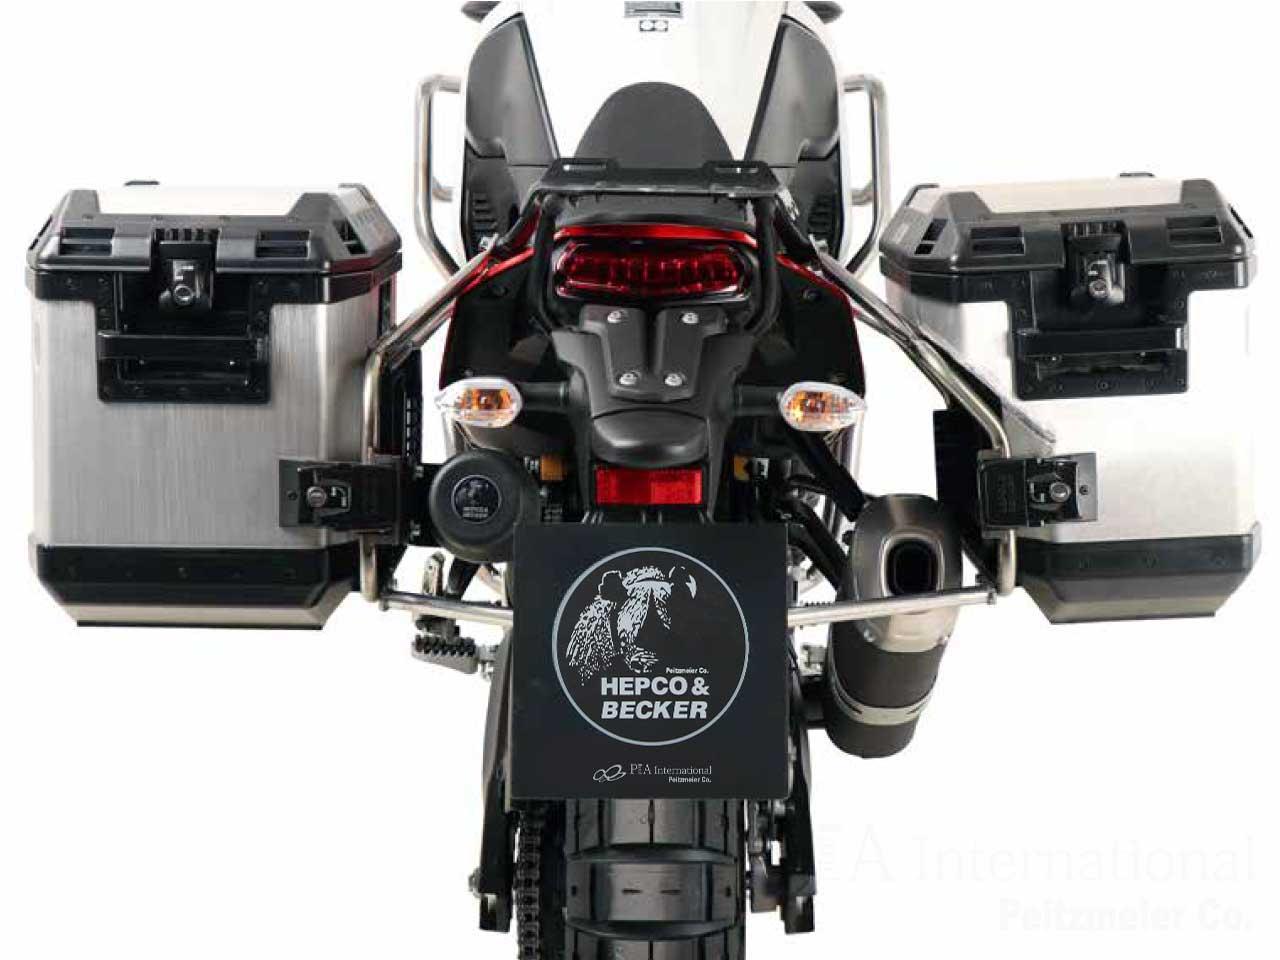 ヘプコ&ベッカー サイドケースホルダー + Xplorer(Cutout)セット YAMAHA テネレ700 / Tenere700